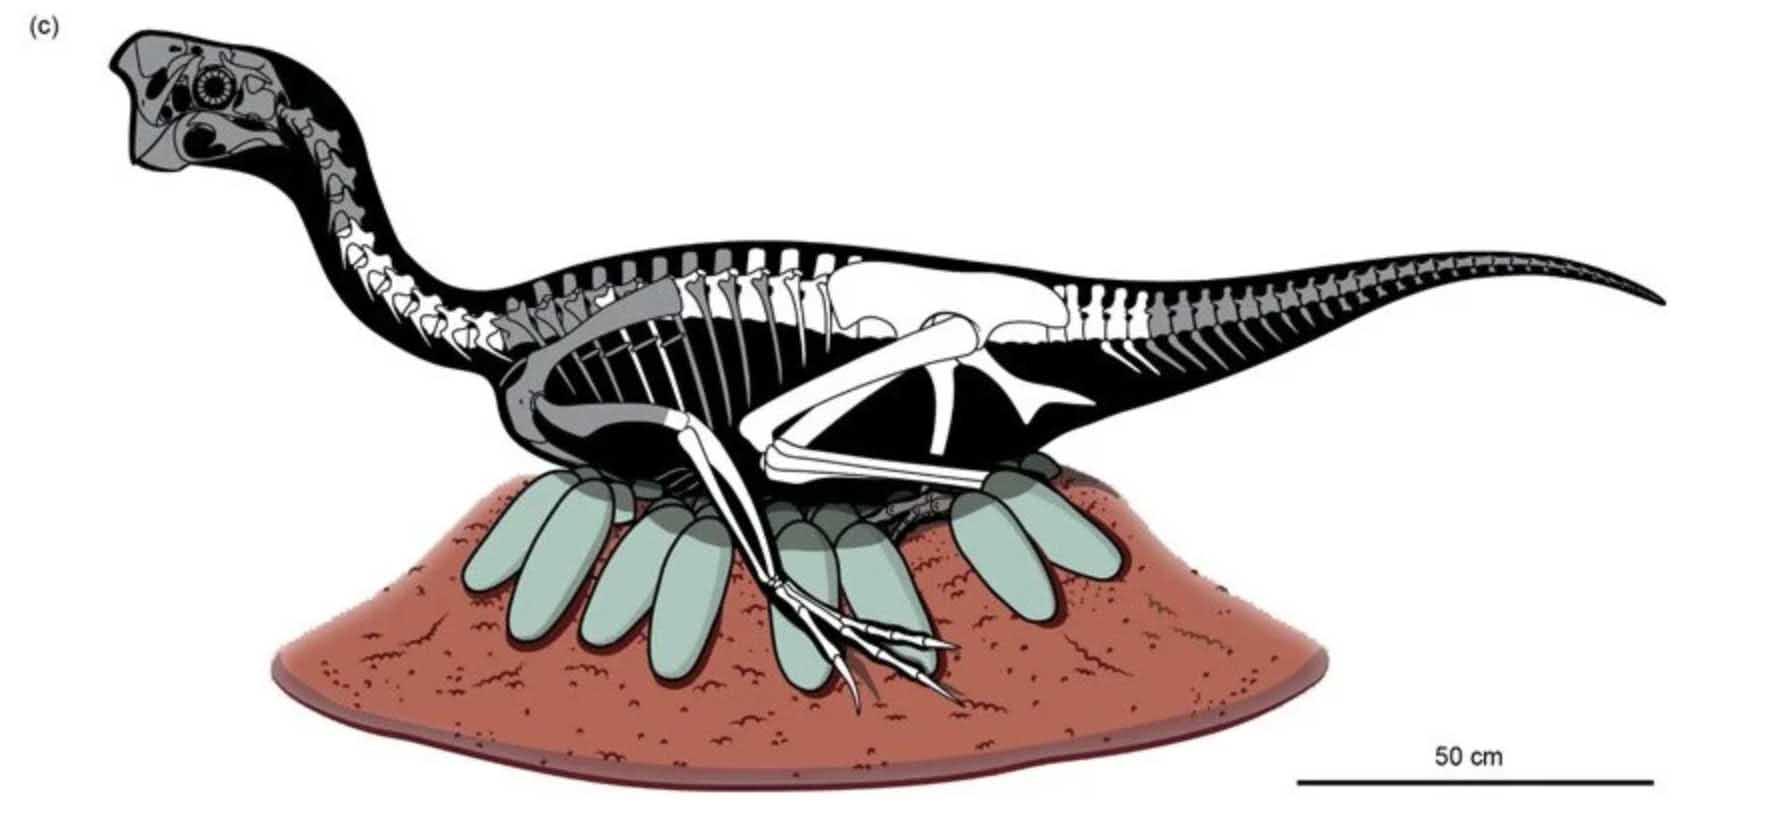 dinossauro chocando ovos fossil